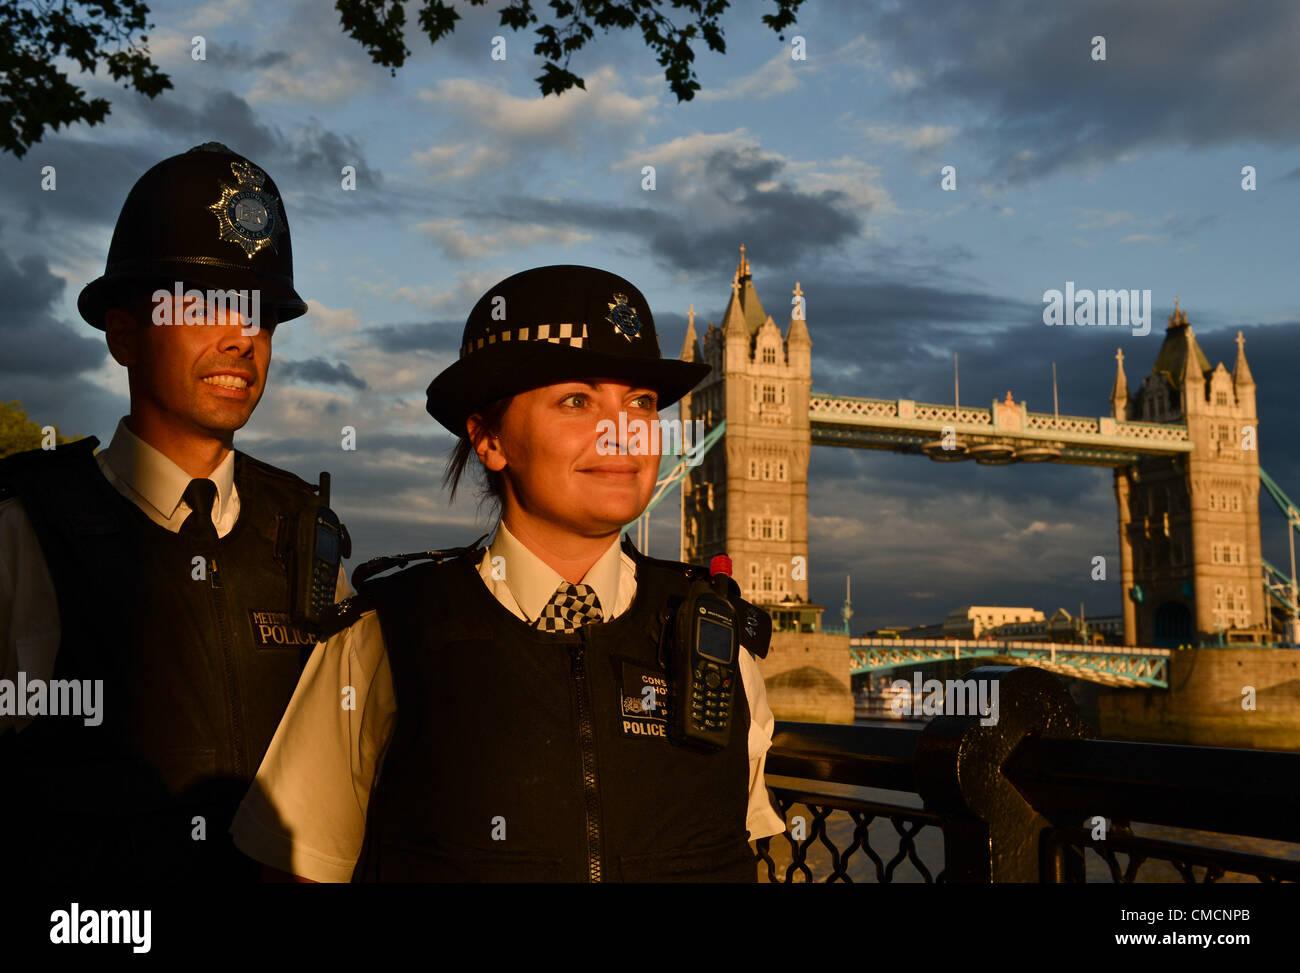 Londra, Inghilterra: giovedì 19 luglio 2012, Metropolitan poliziotti Simon Negus e Rebecca Thatcher di Bexleyheath Immagini Stock